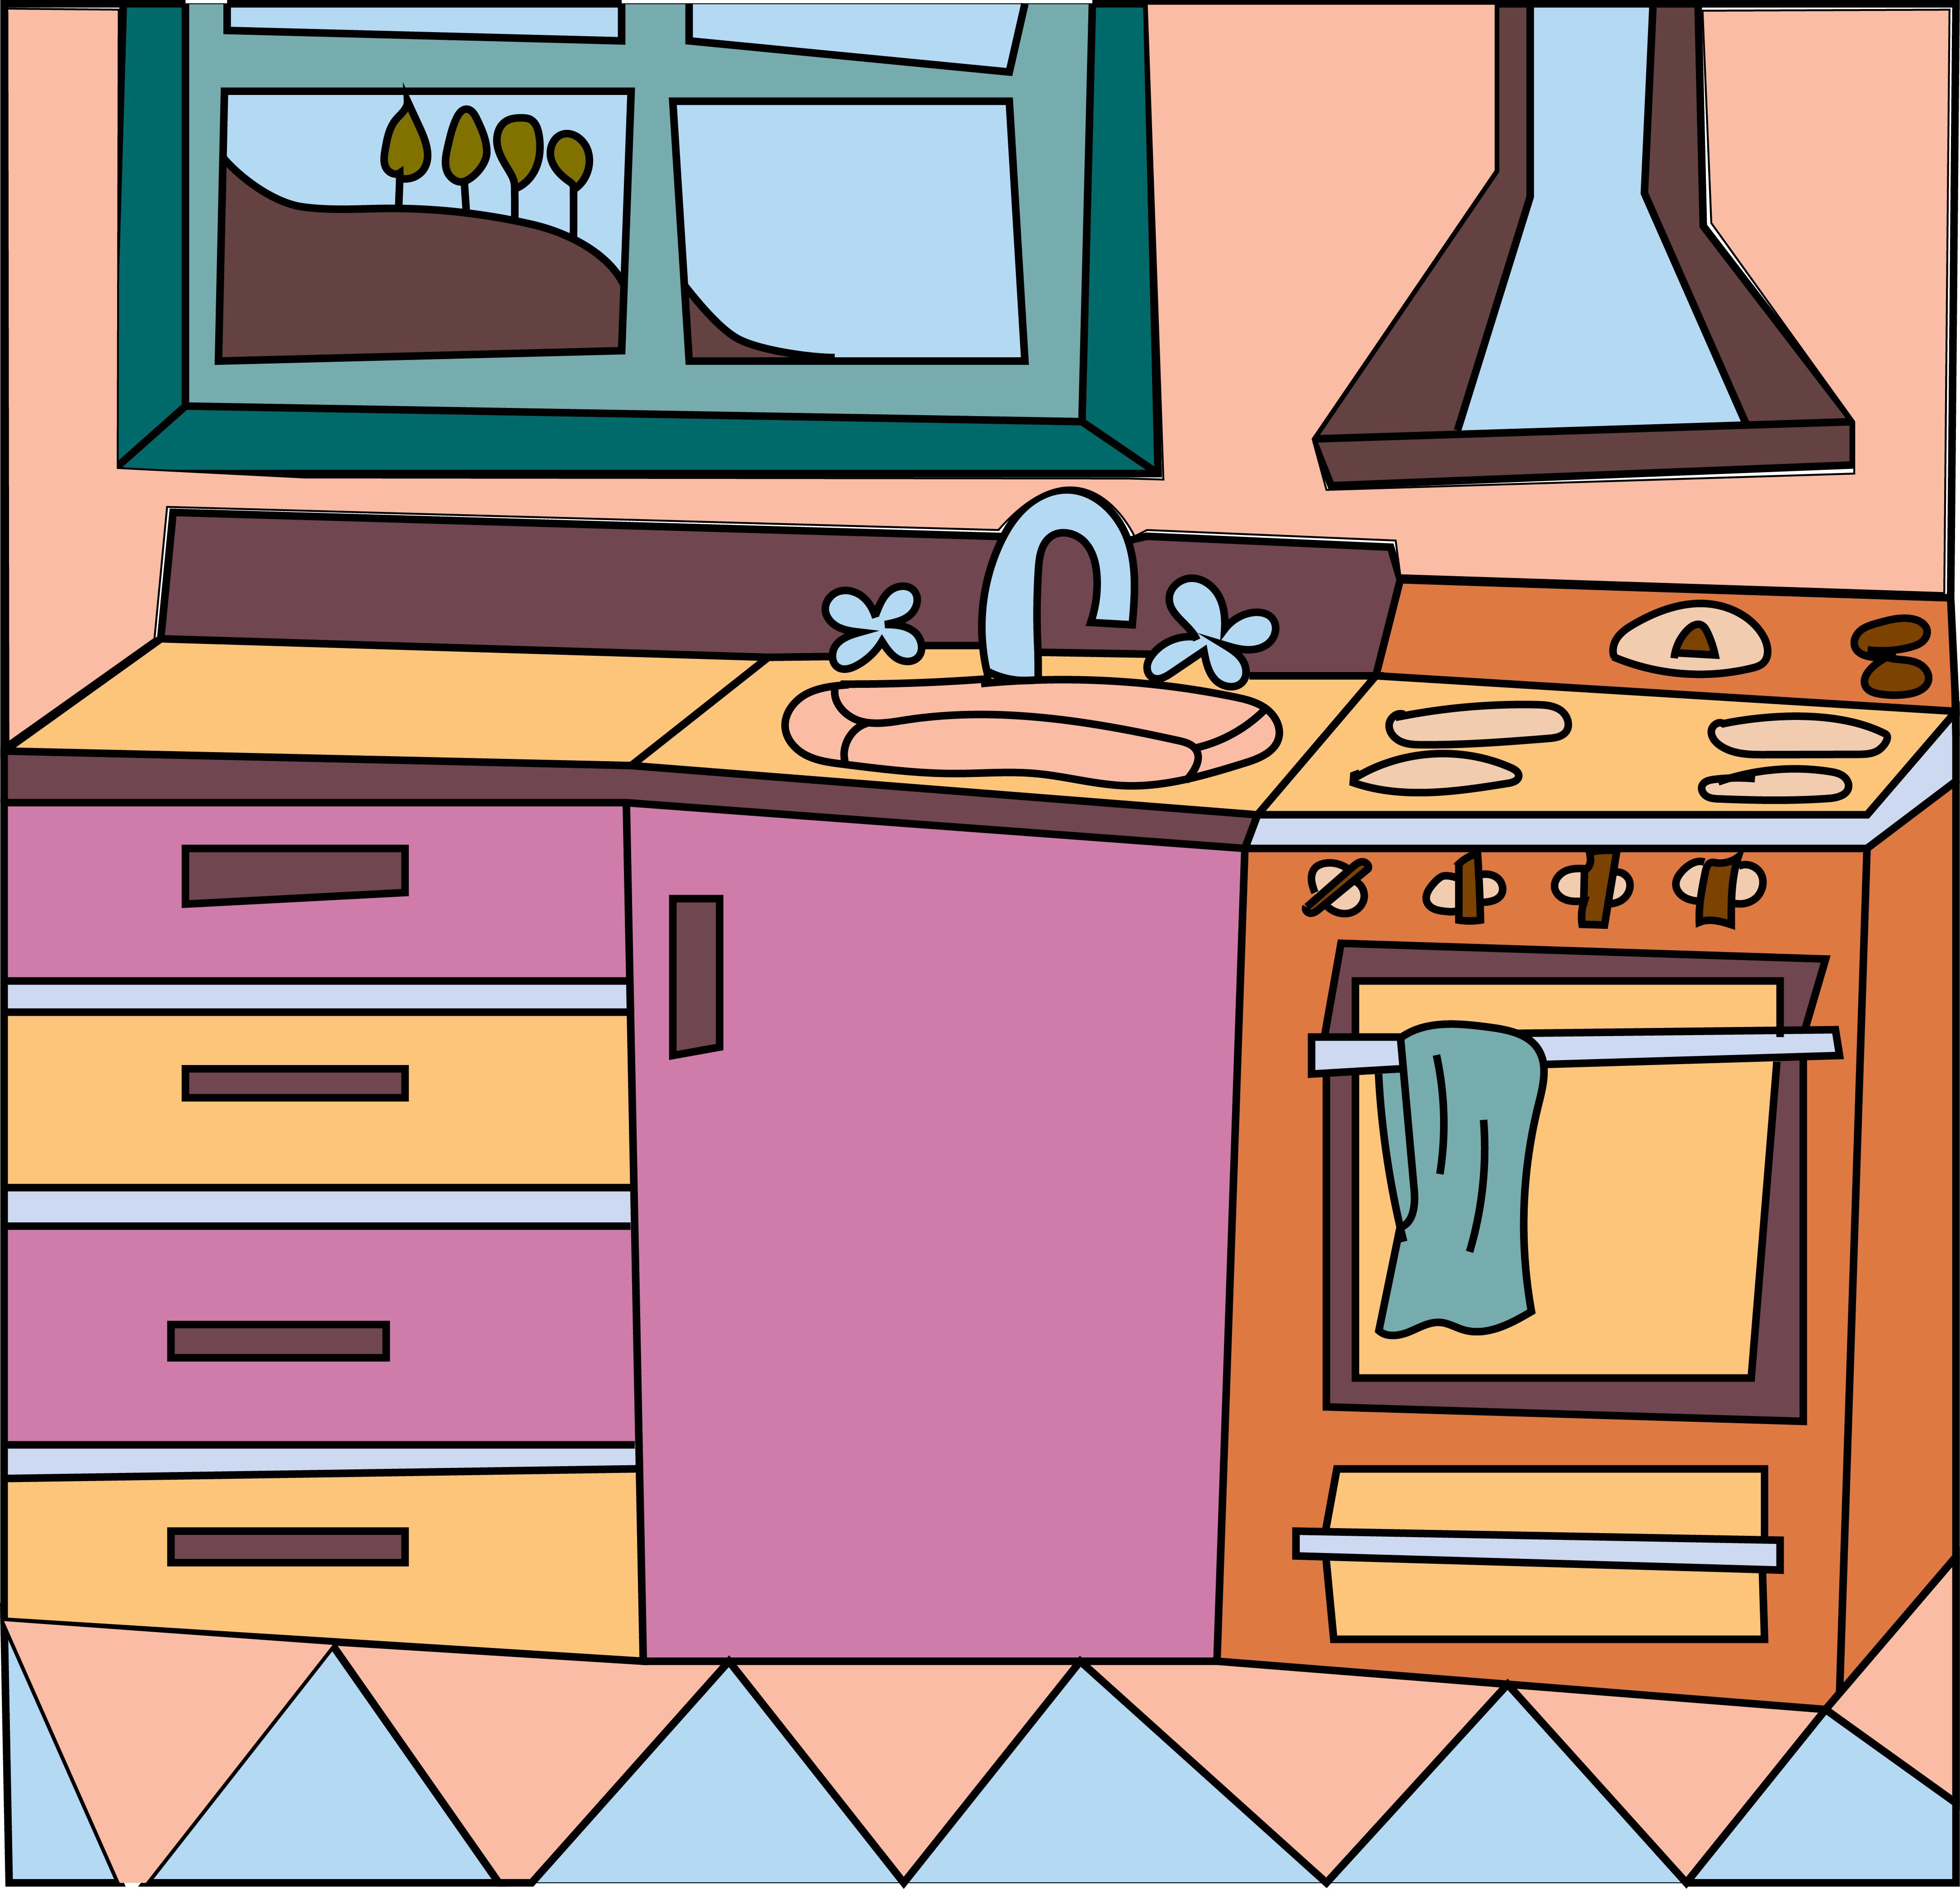 Кухня в картинках для детей, летием сестре